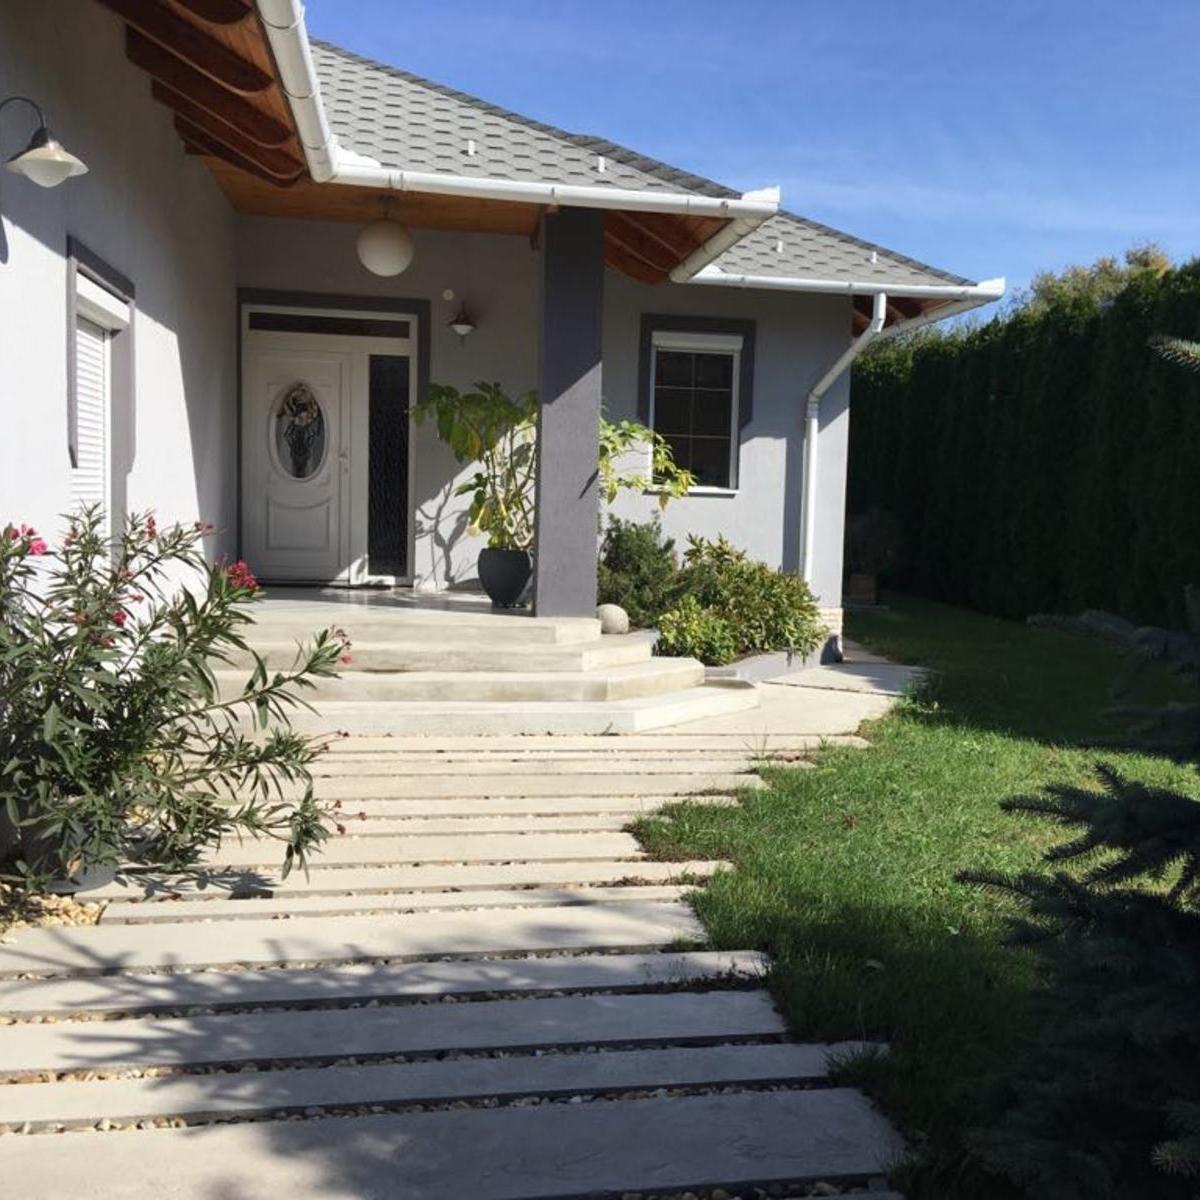 Eladó  családi ház (Fót) 129 M  Ft